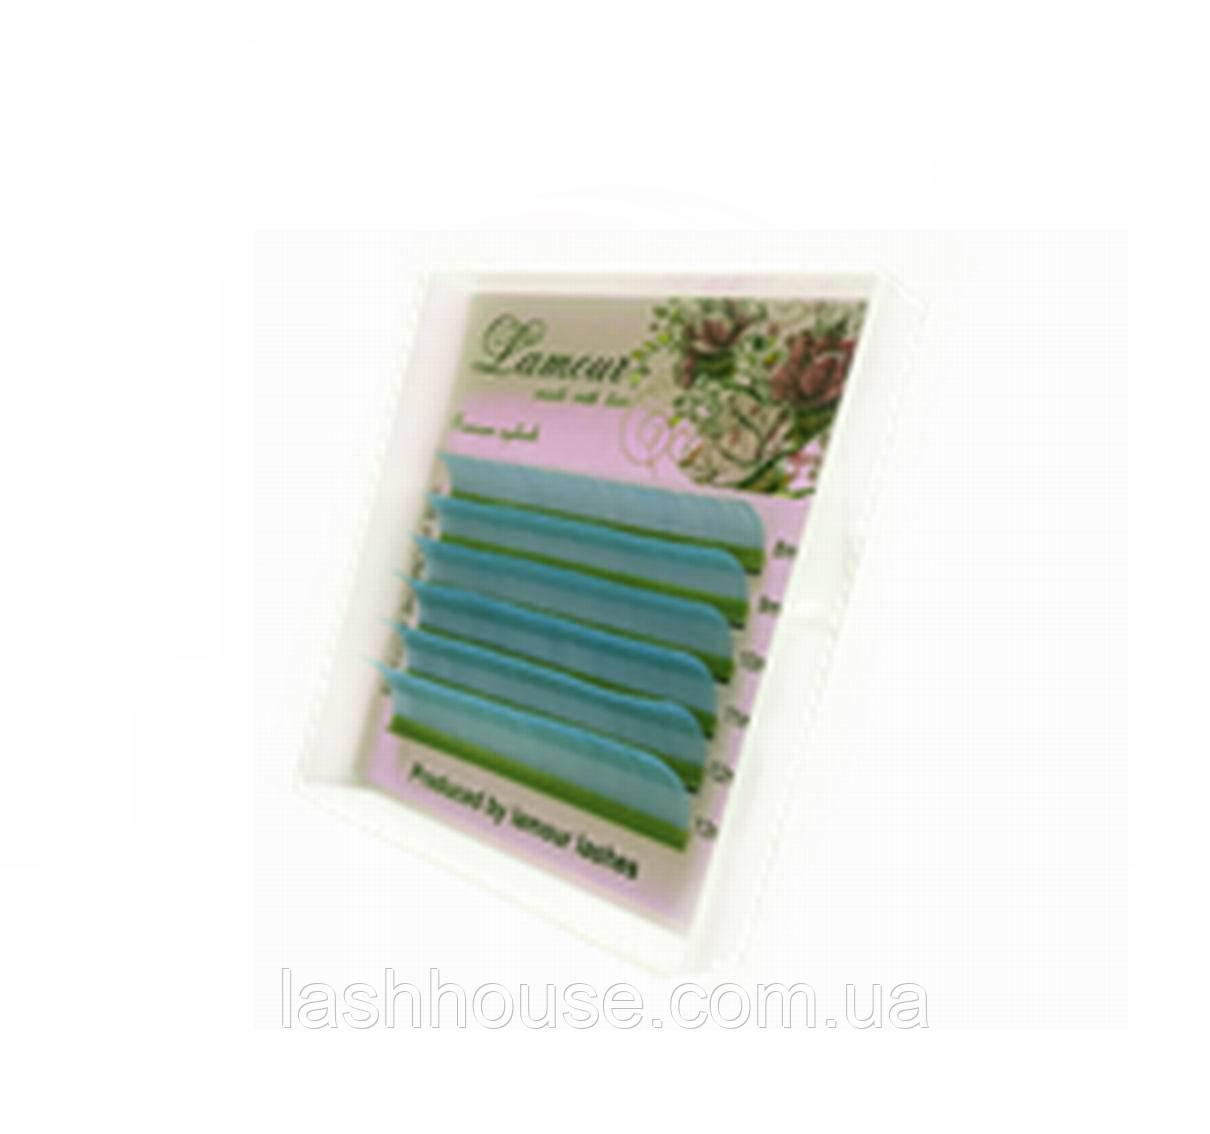 Ресницы цветные бирюзовые (6 линий)